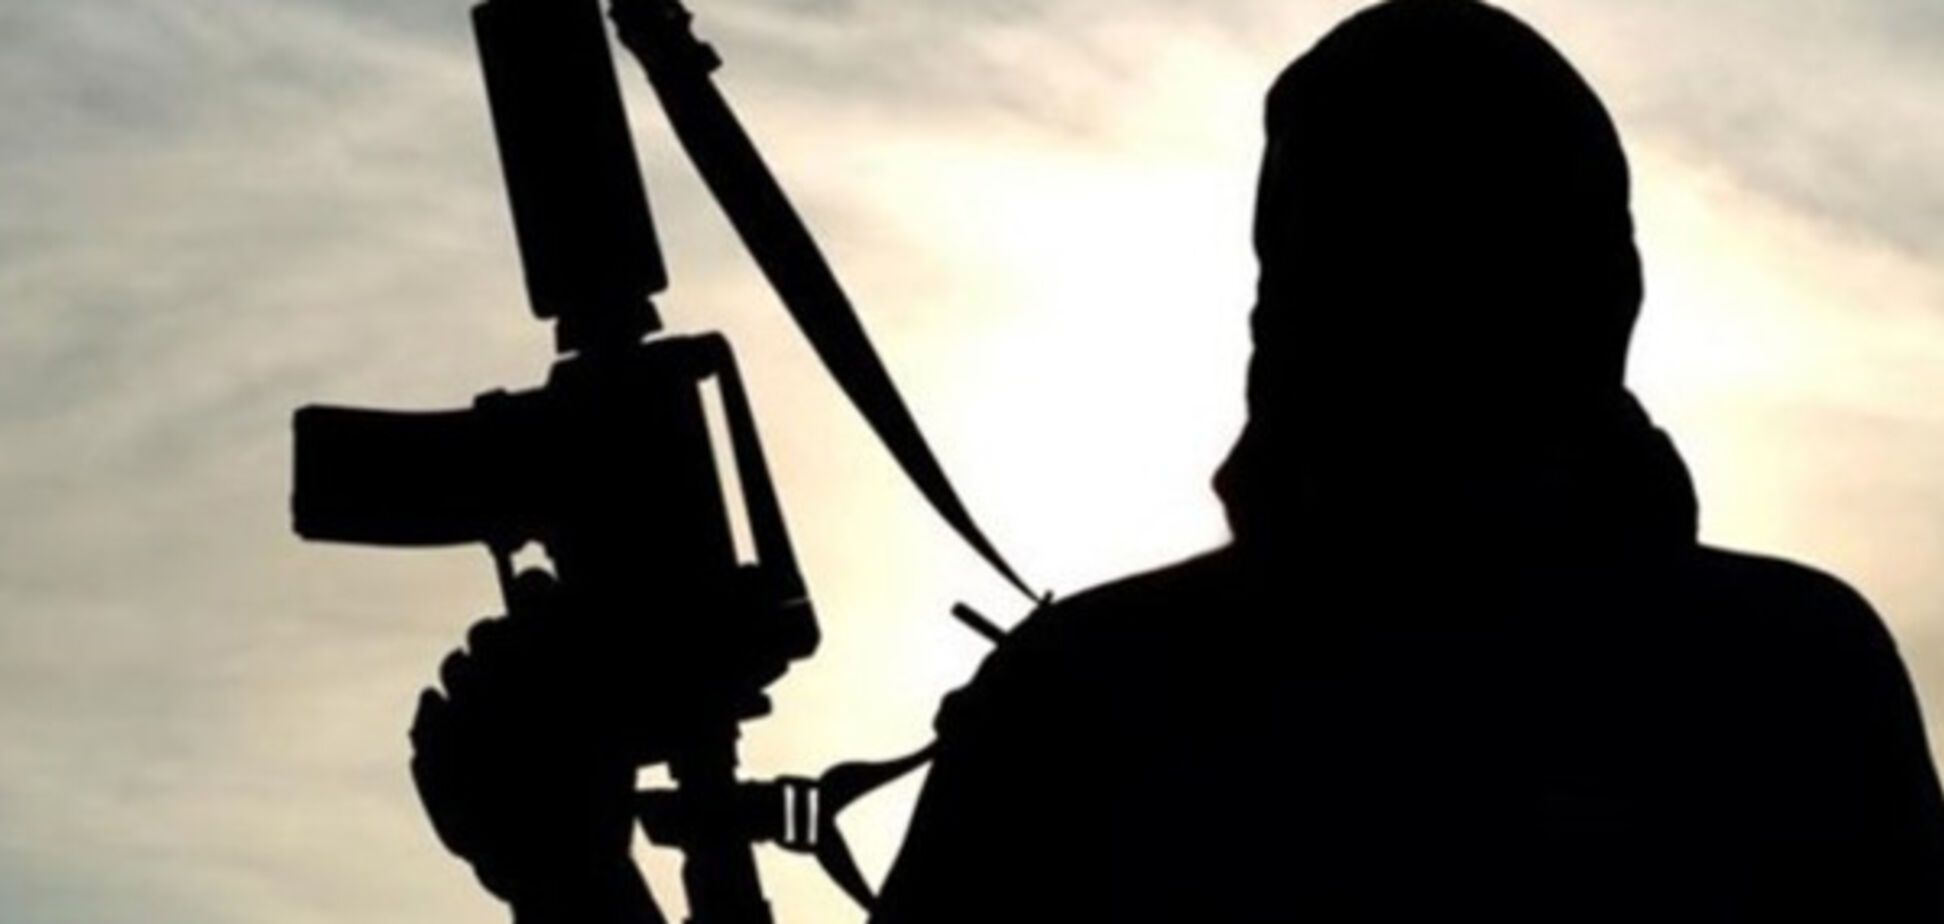 В Британии дали прогноз об уровне террористической угрозы в 2017 году